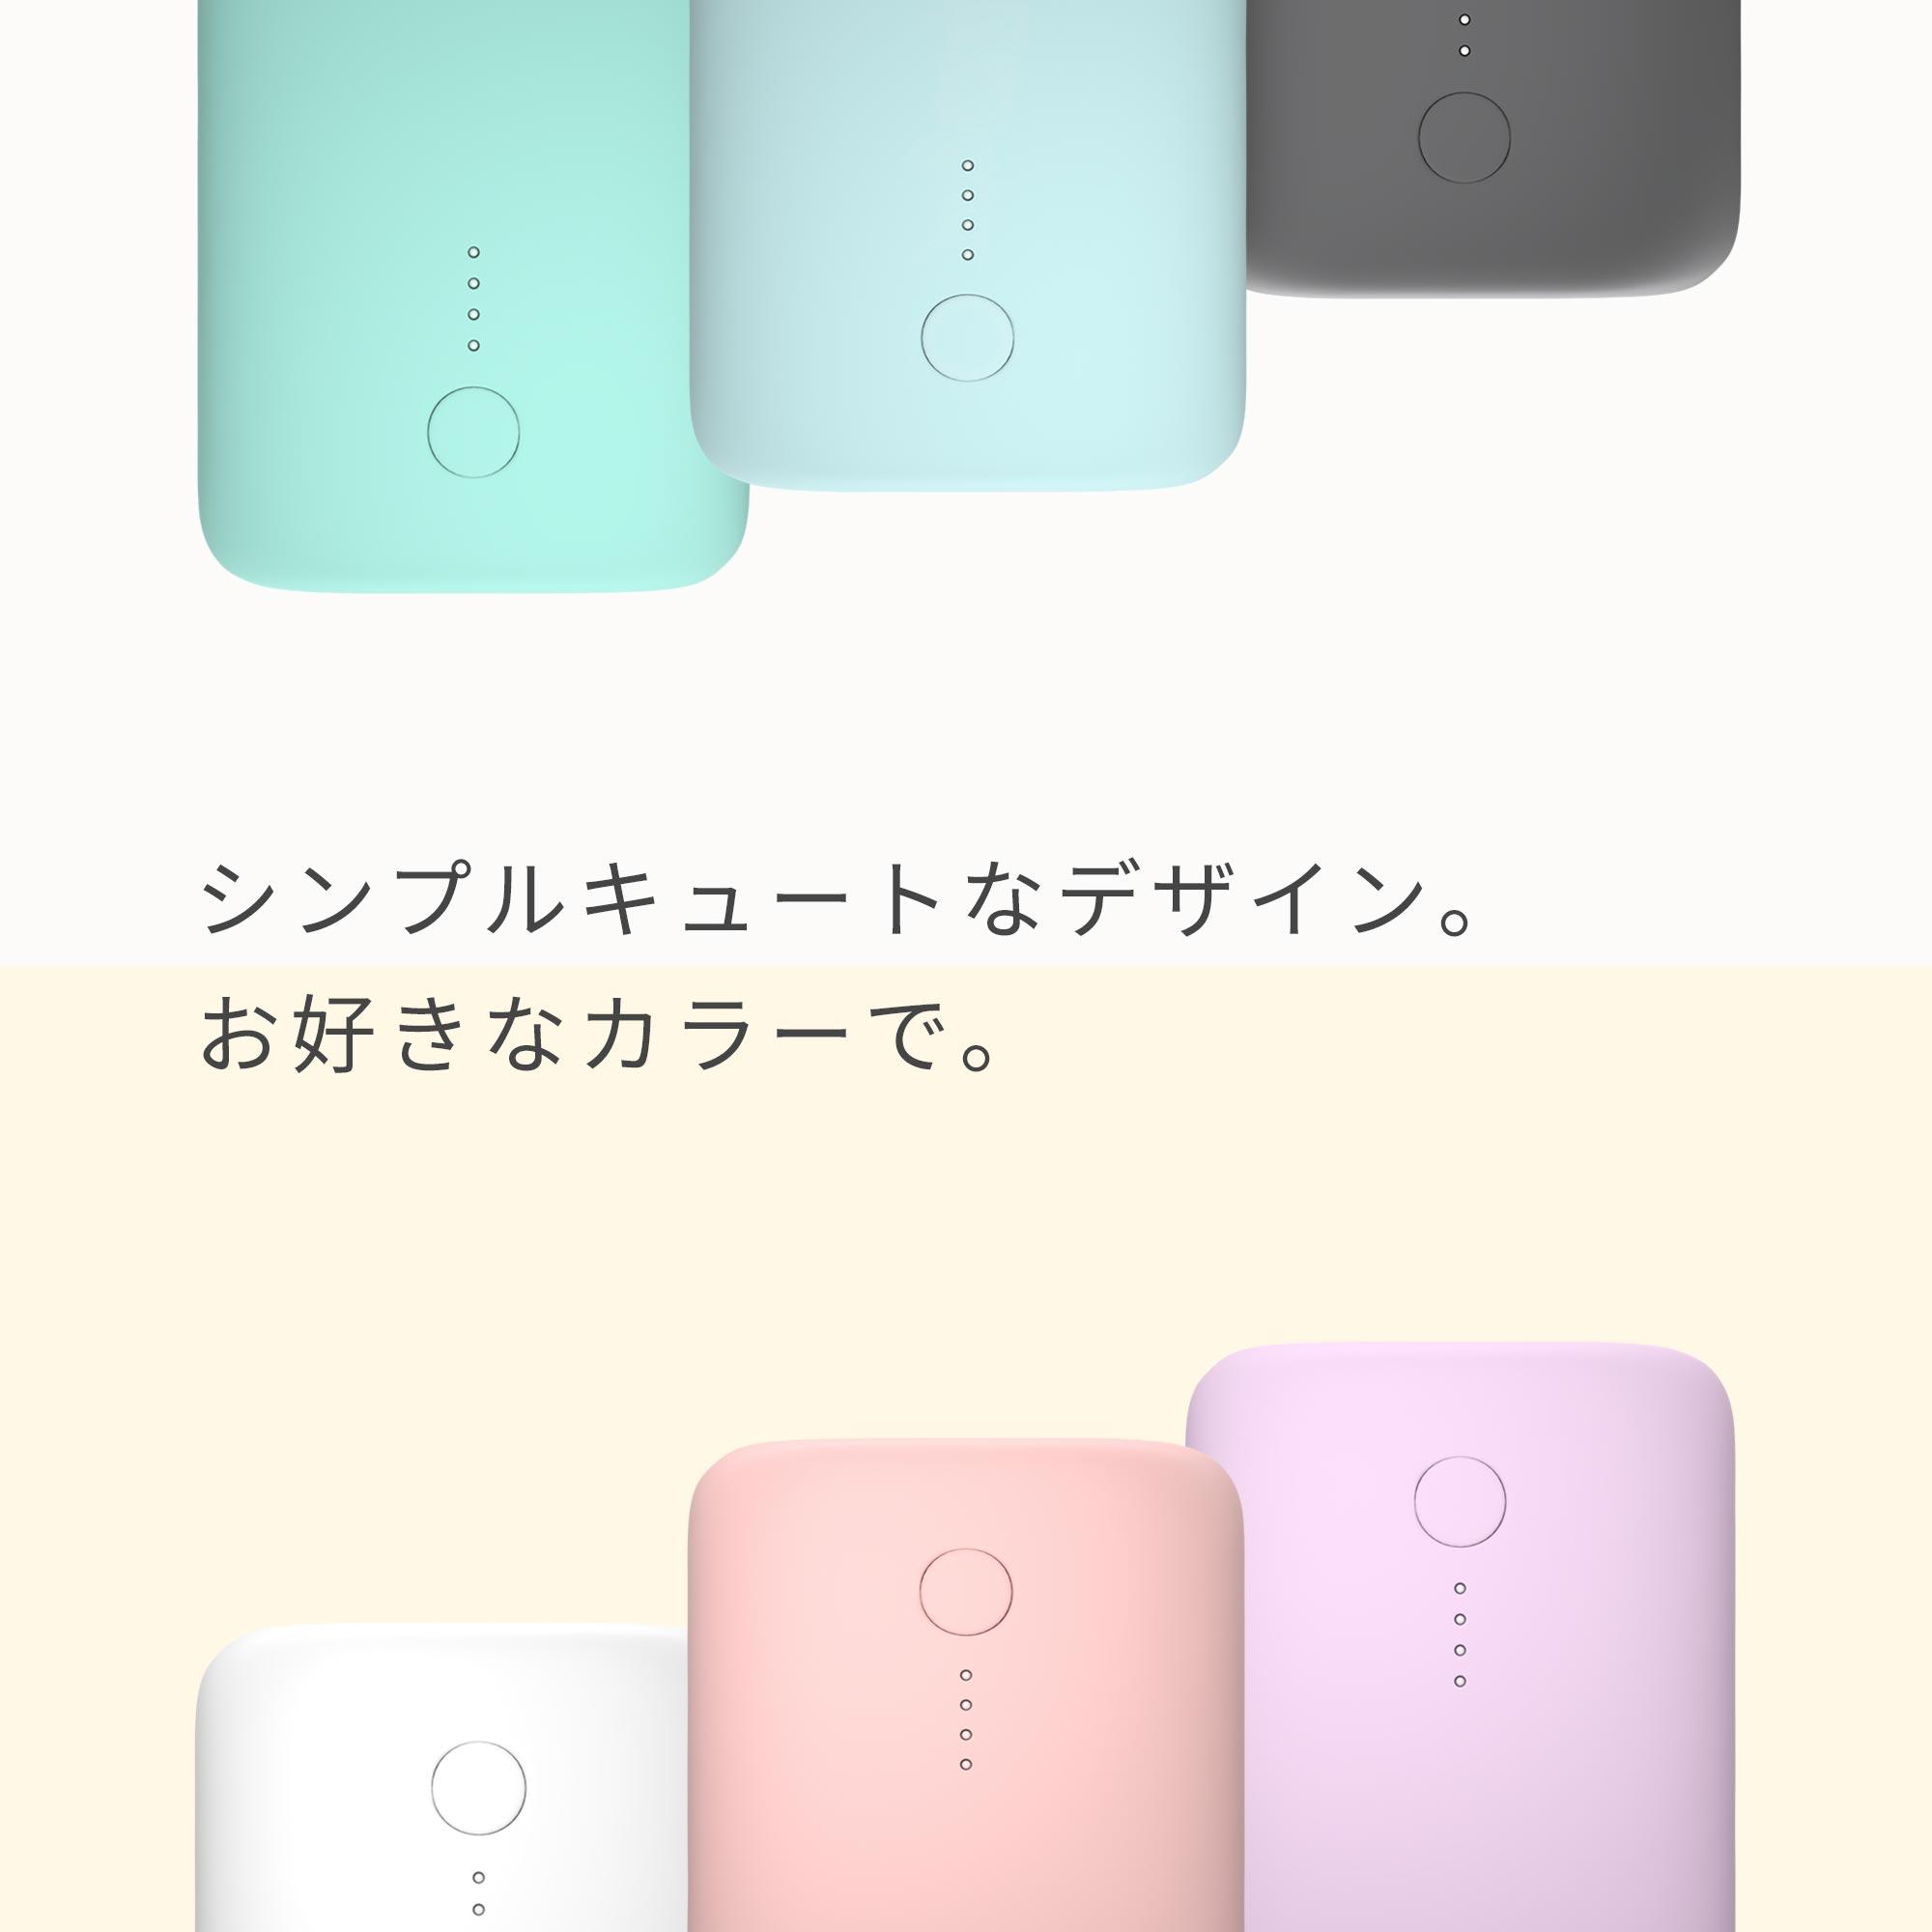 好みに合わせたカラーバリエーション(全6色)